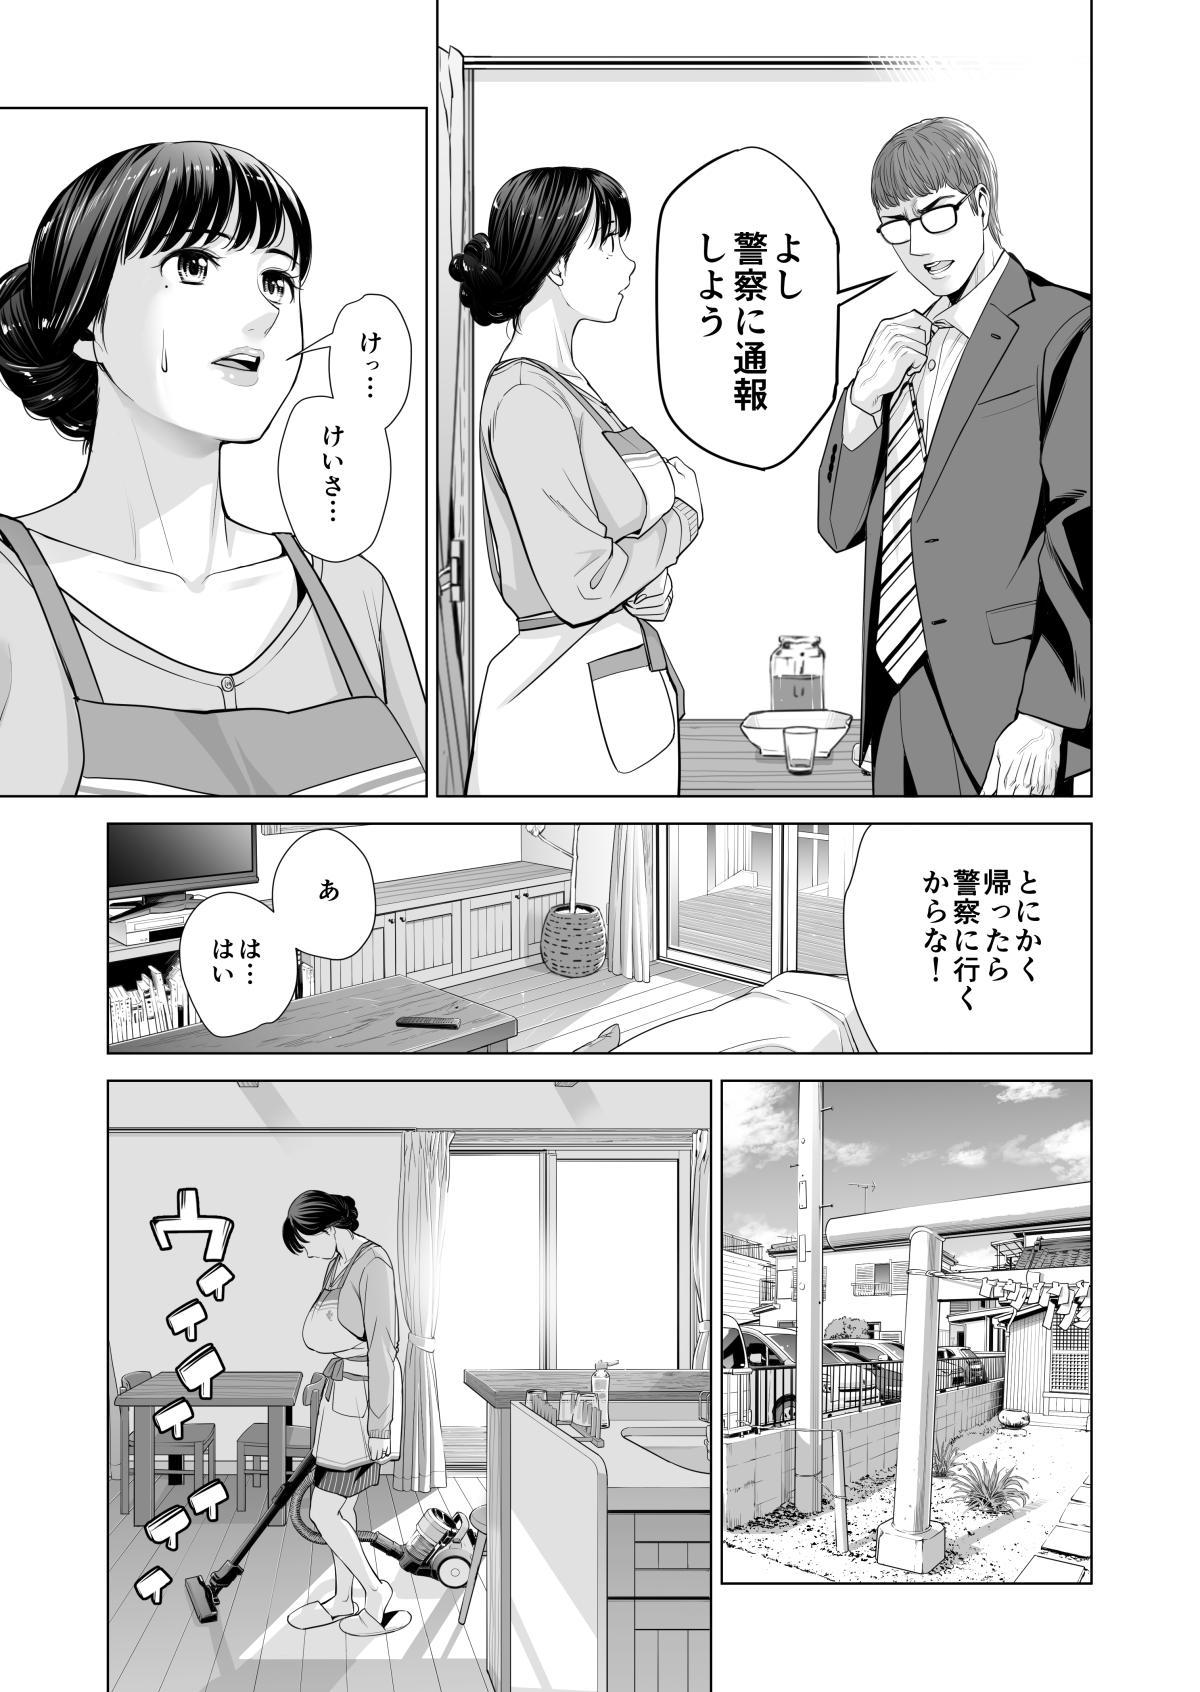 Tsukiyo no Midare Sake 23